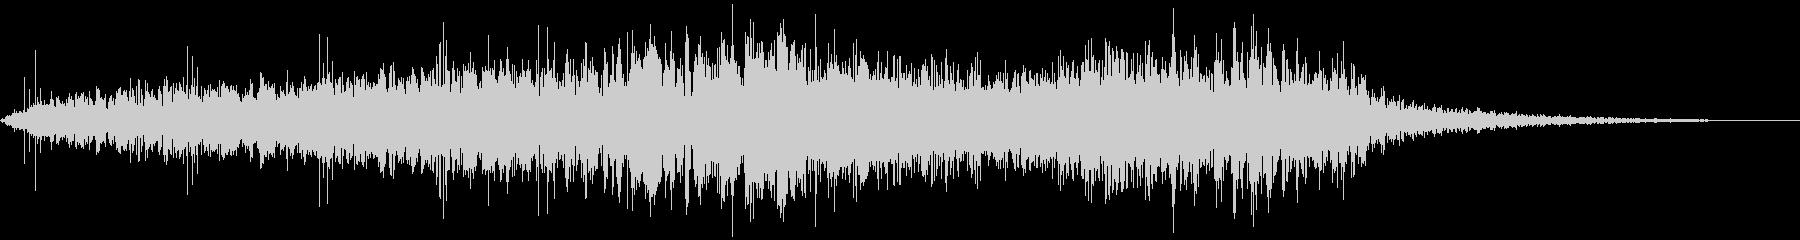 ダークで、退廃的なサウンドの未再生の波形